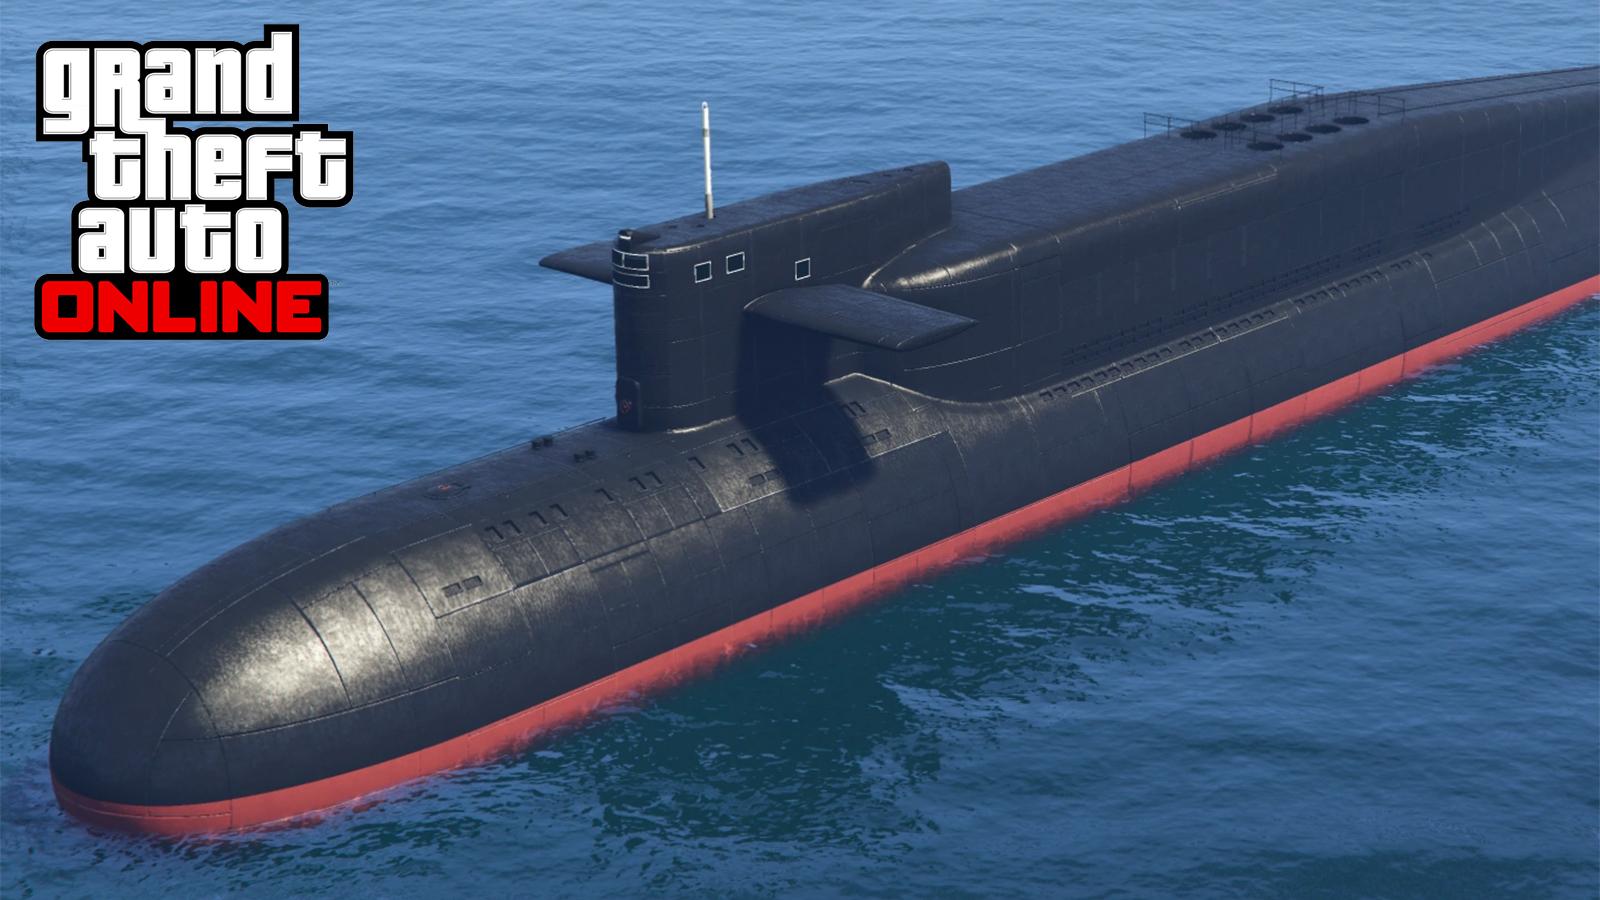 Submarino GTA Online